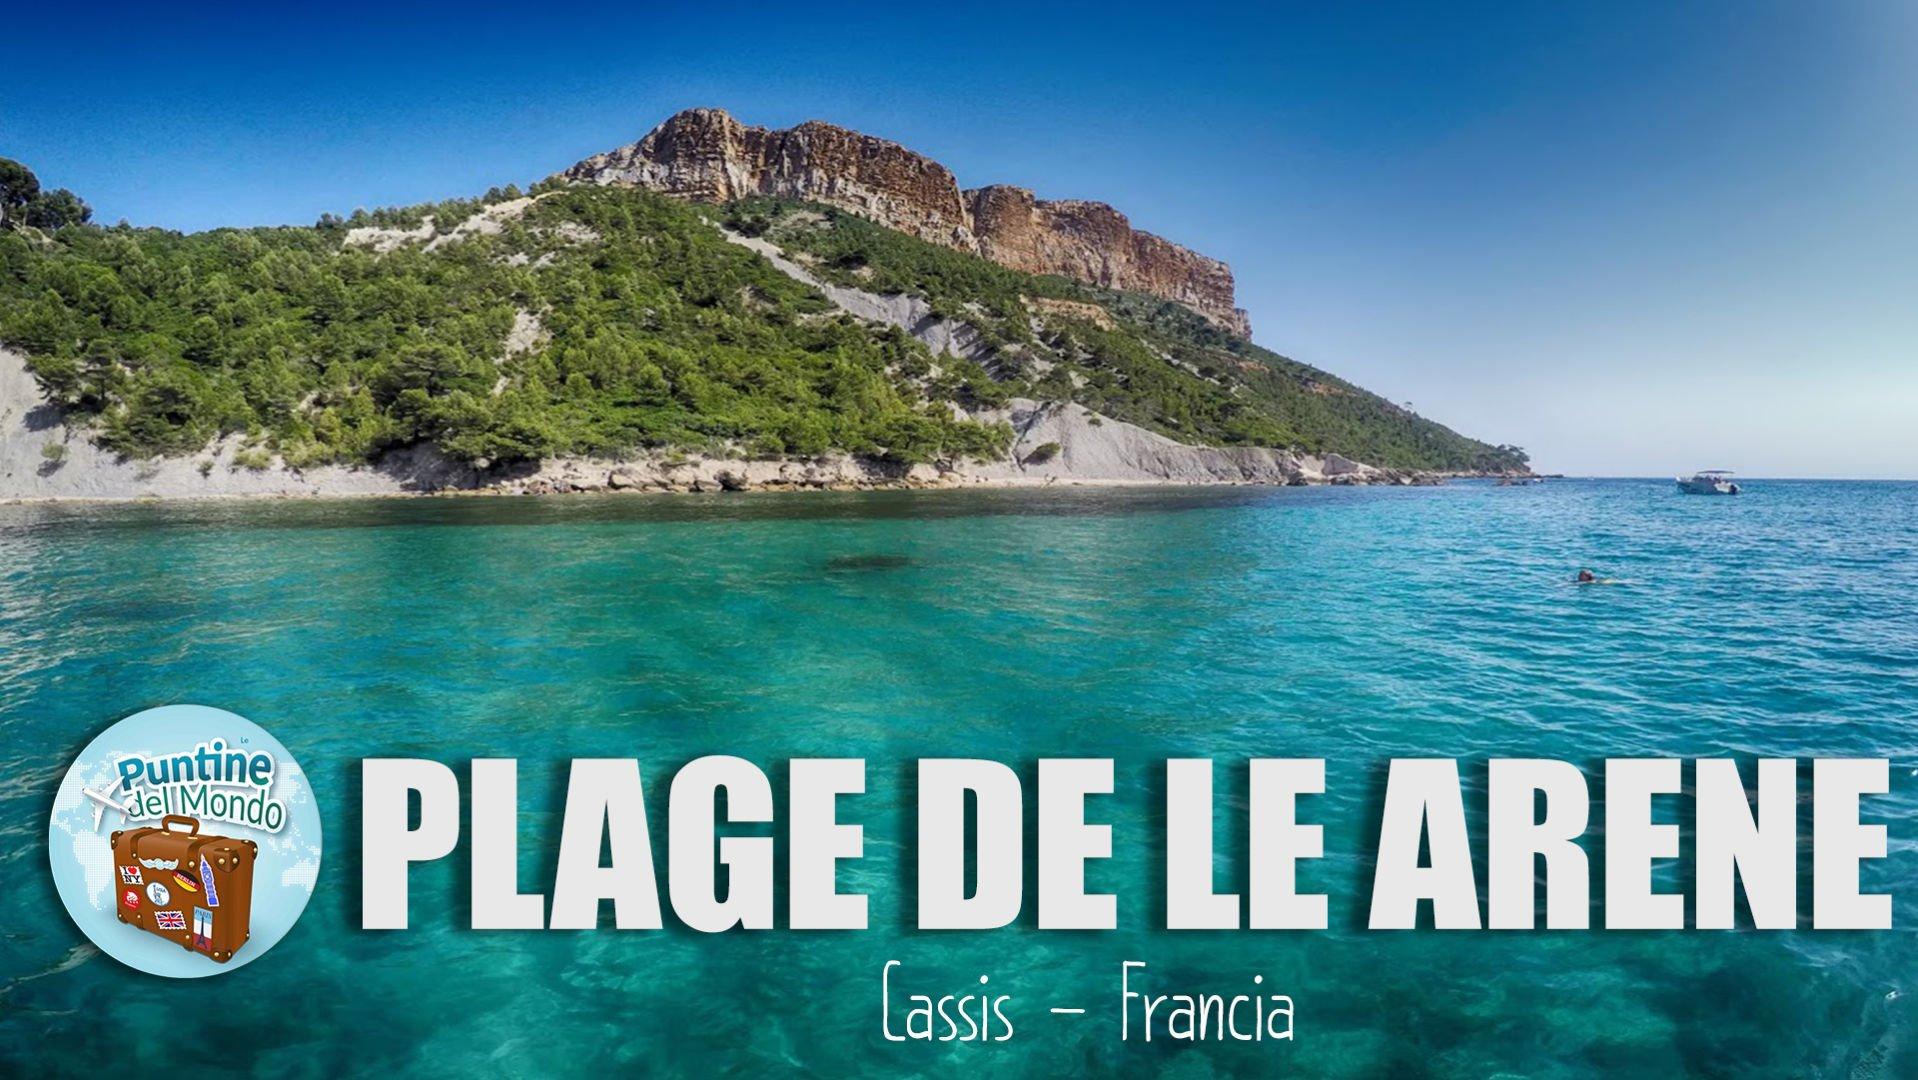 Plage de l'Arene Cassis Francia Marsiglia Spiaggia Costa Azzurra